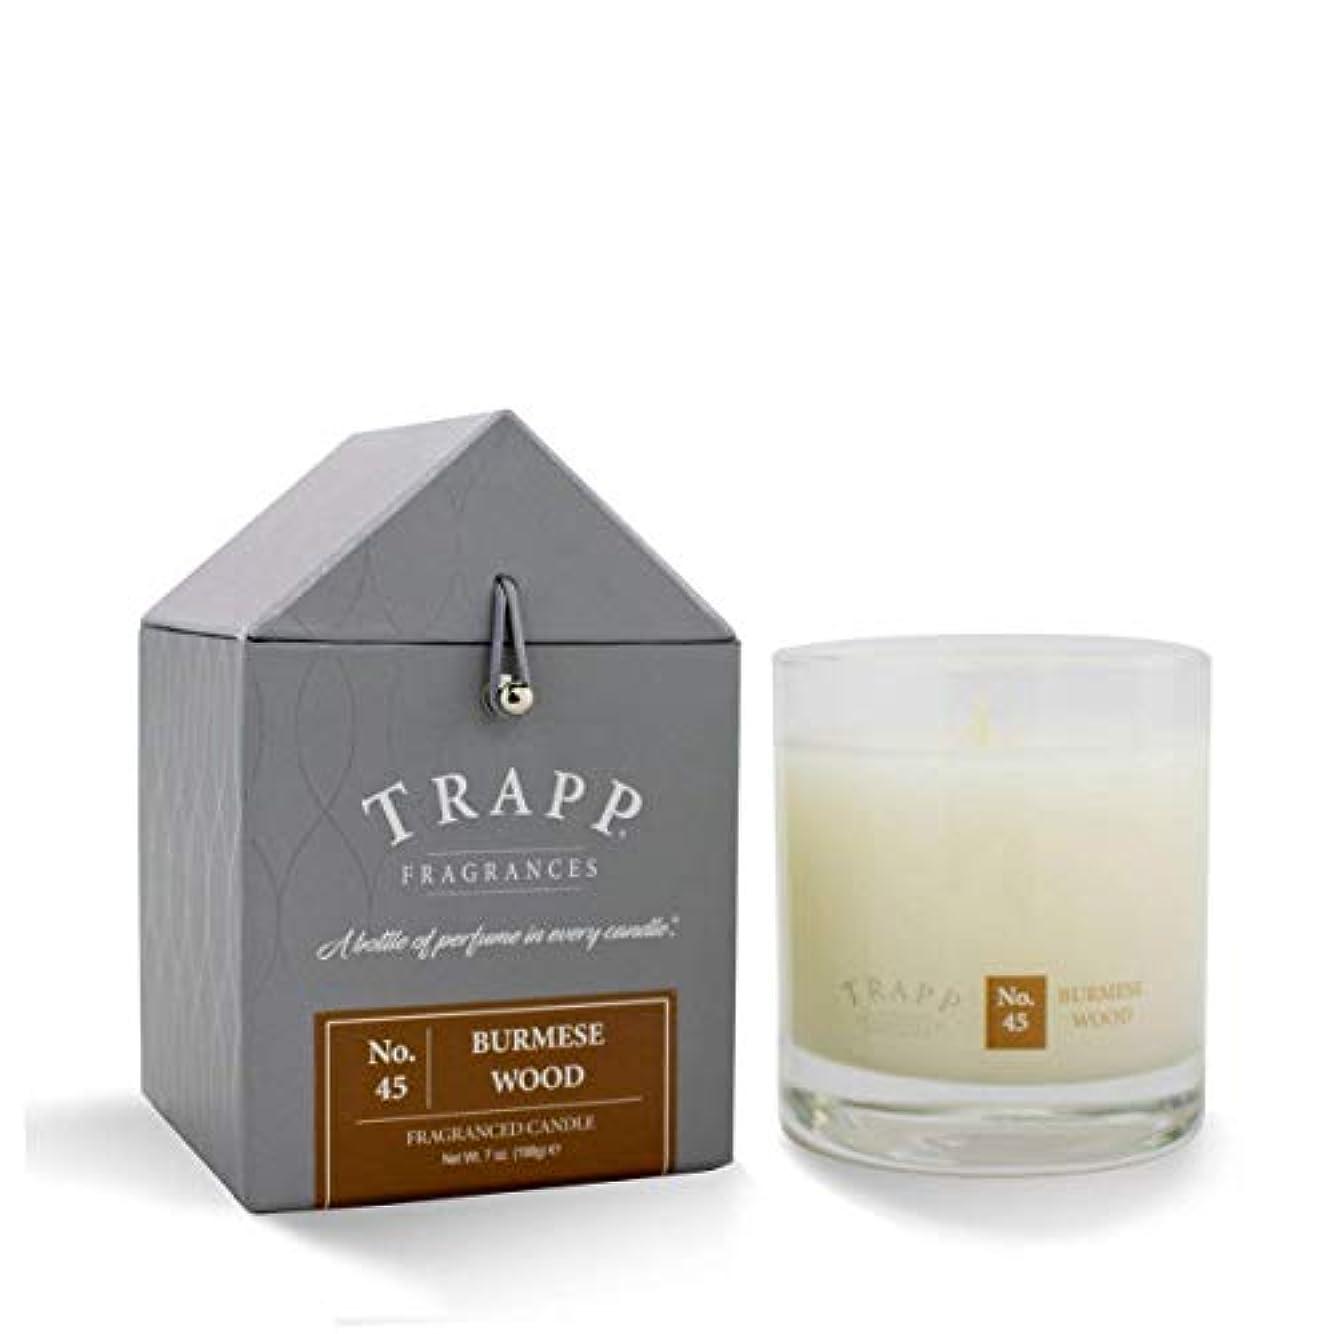 育成矛盾する狂気Trapp Candle No. 45 Burmese Wood 7oz by Trapp